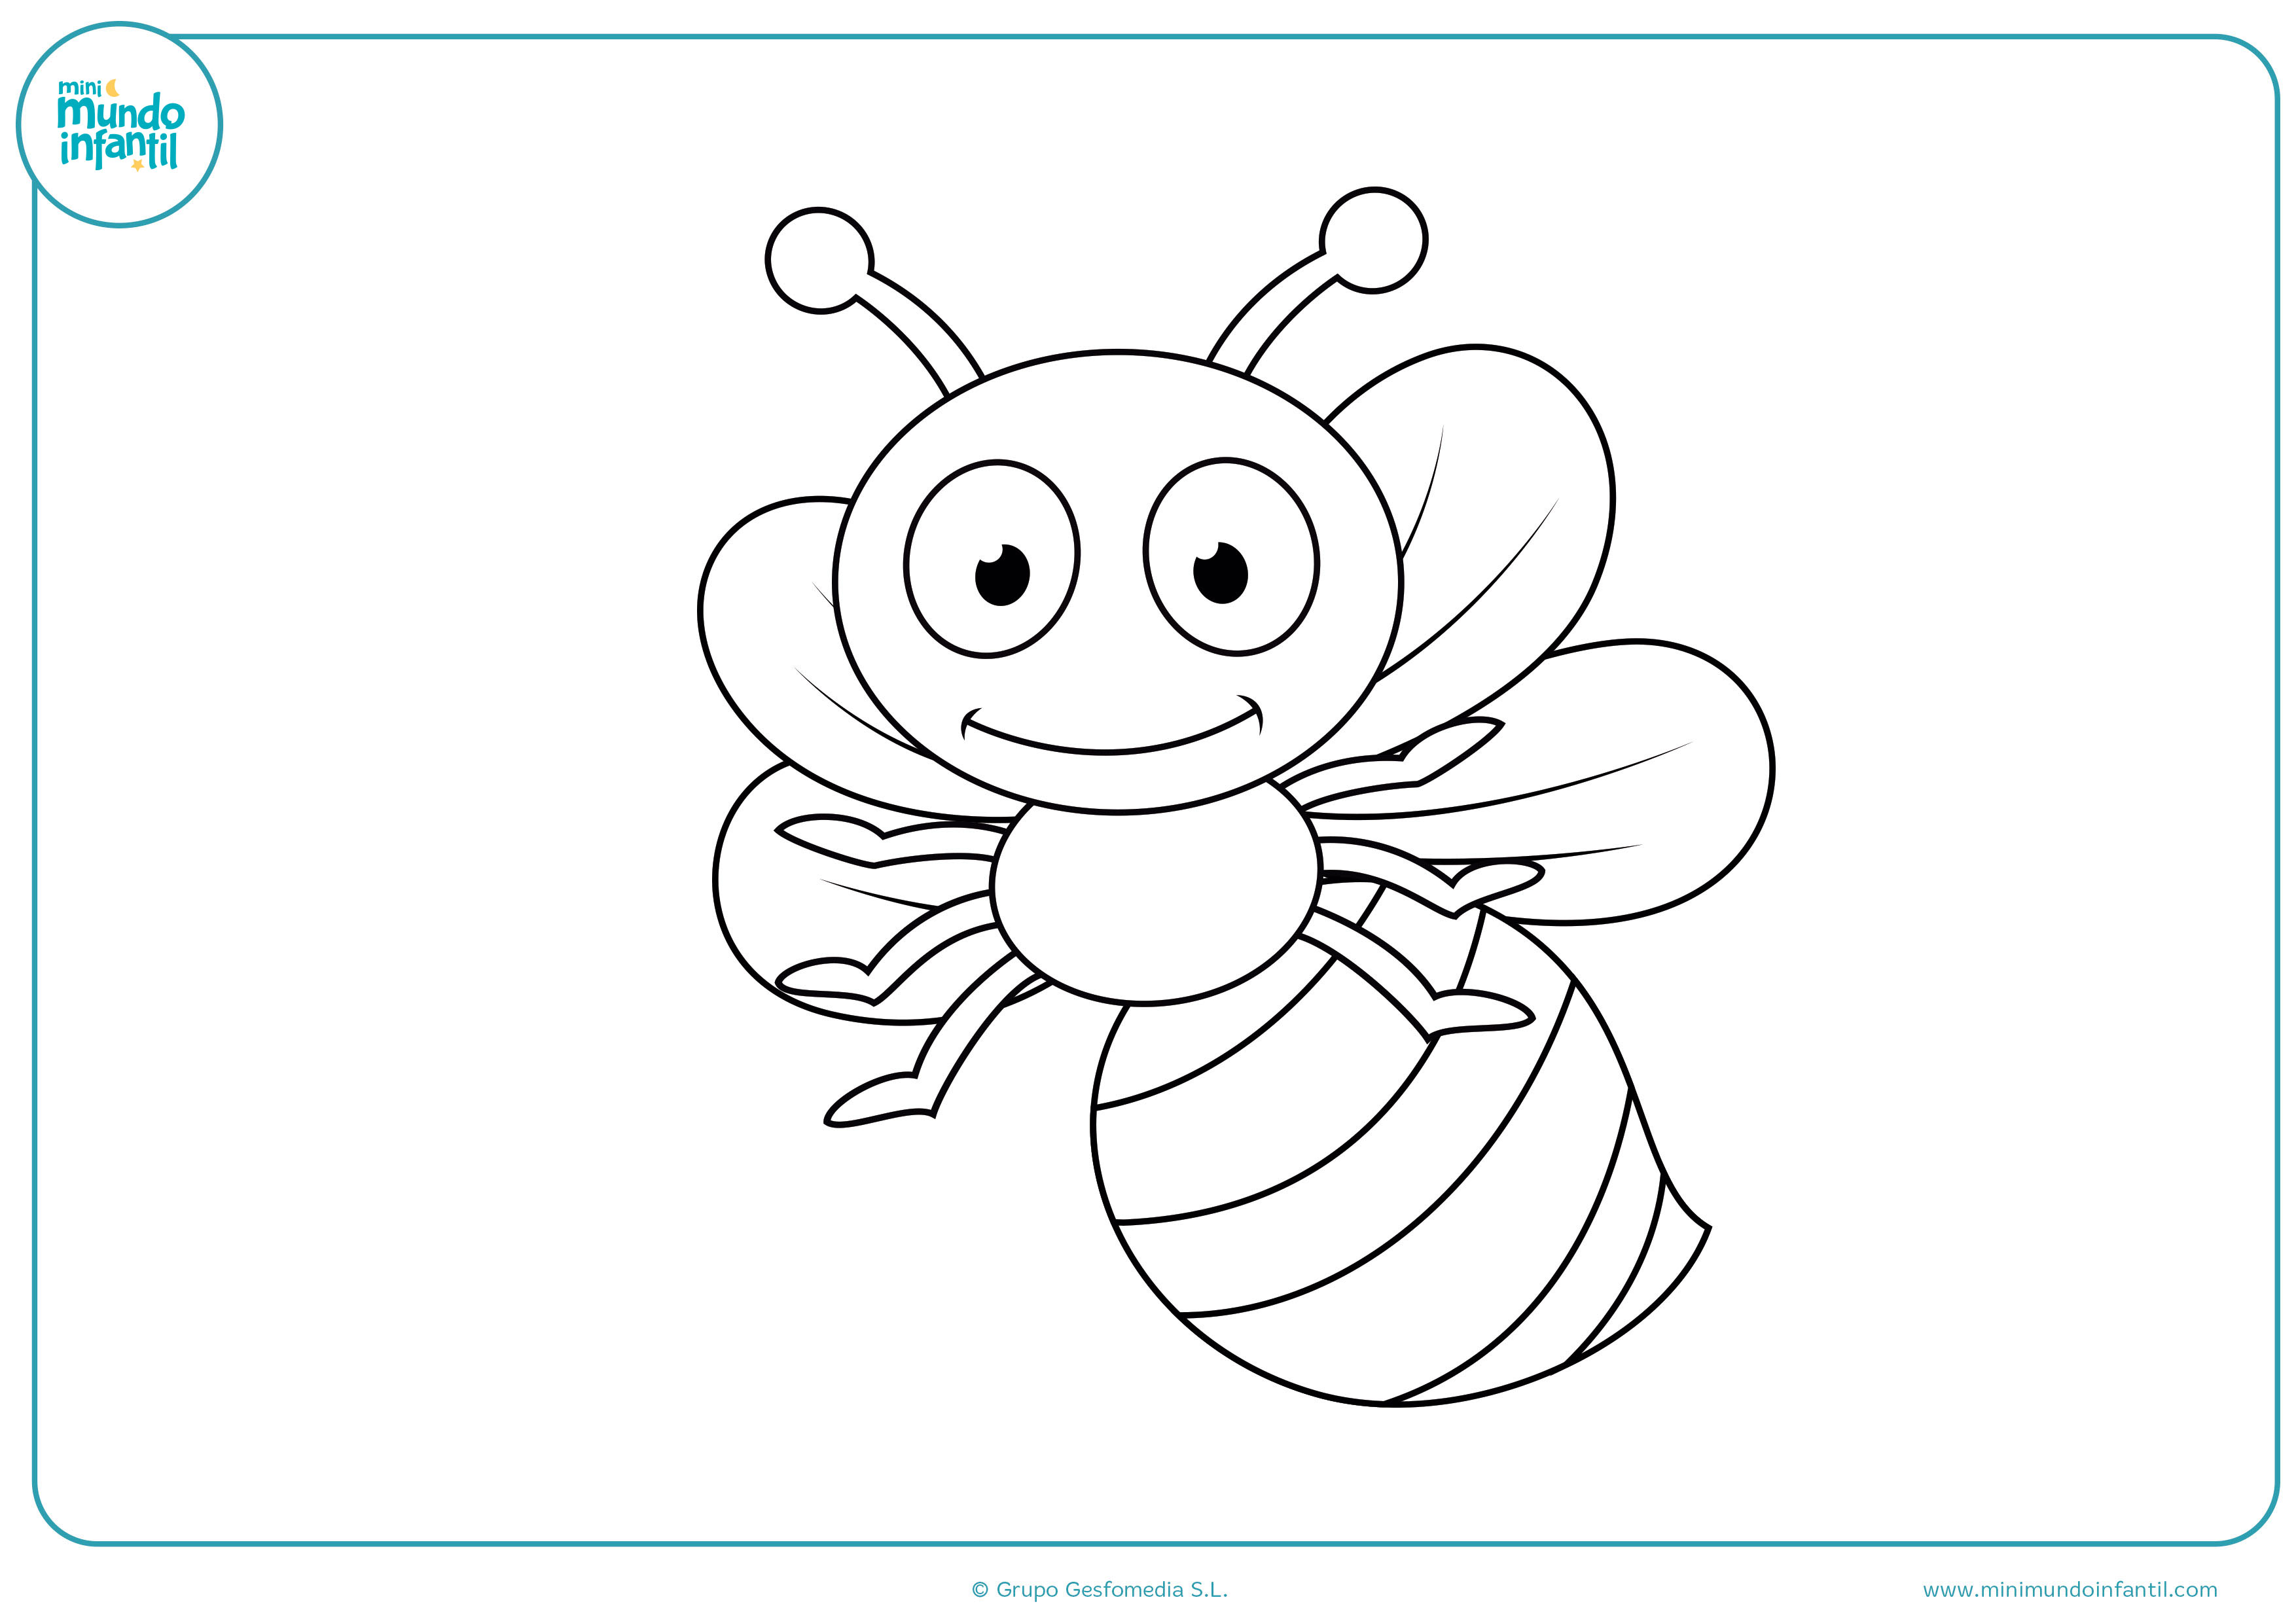 Dibujos de insectos para colorear - Mundo Primaria